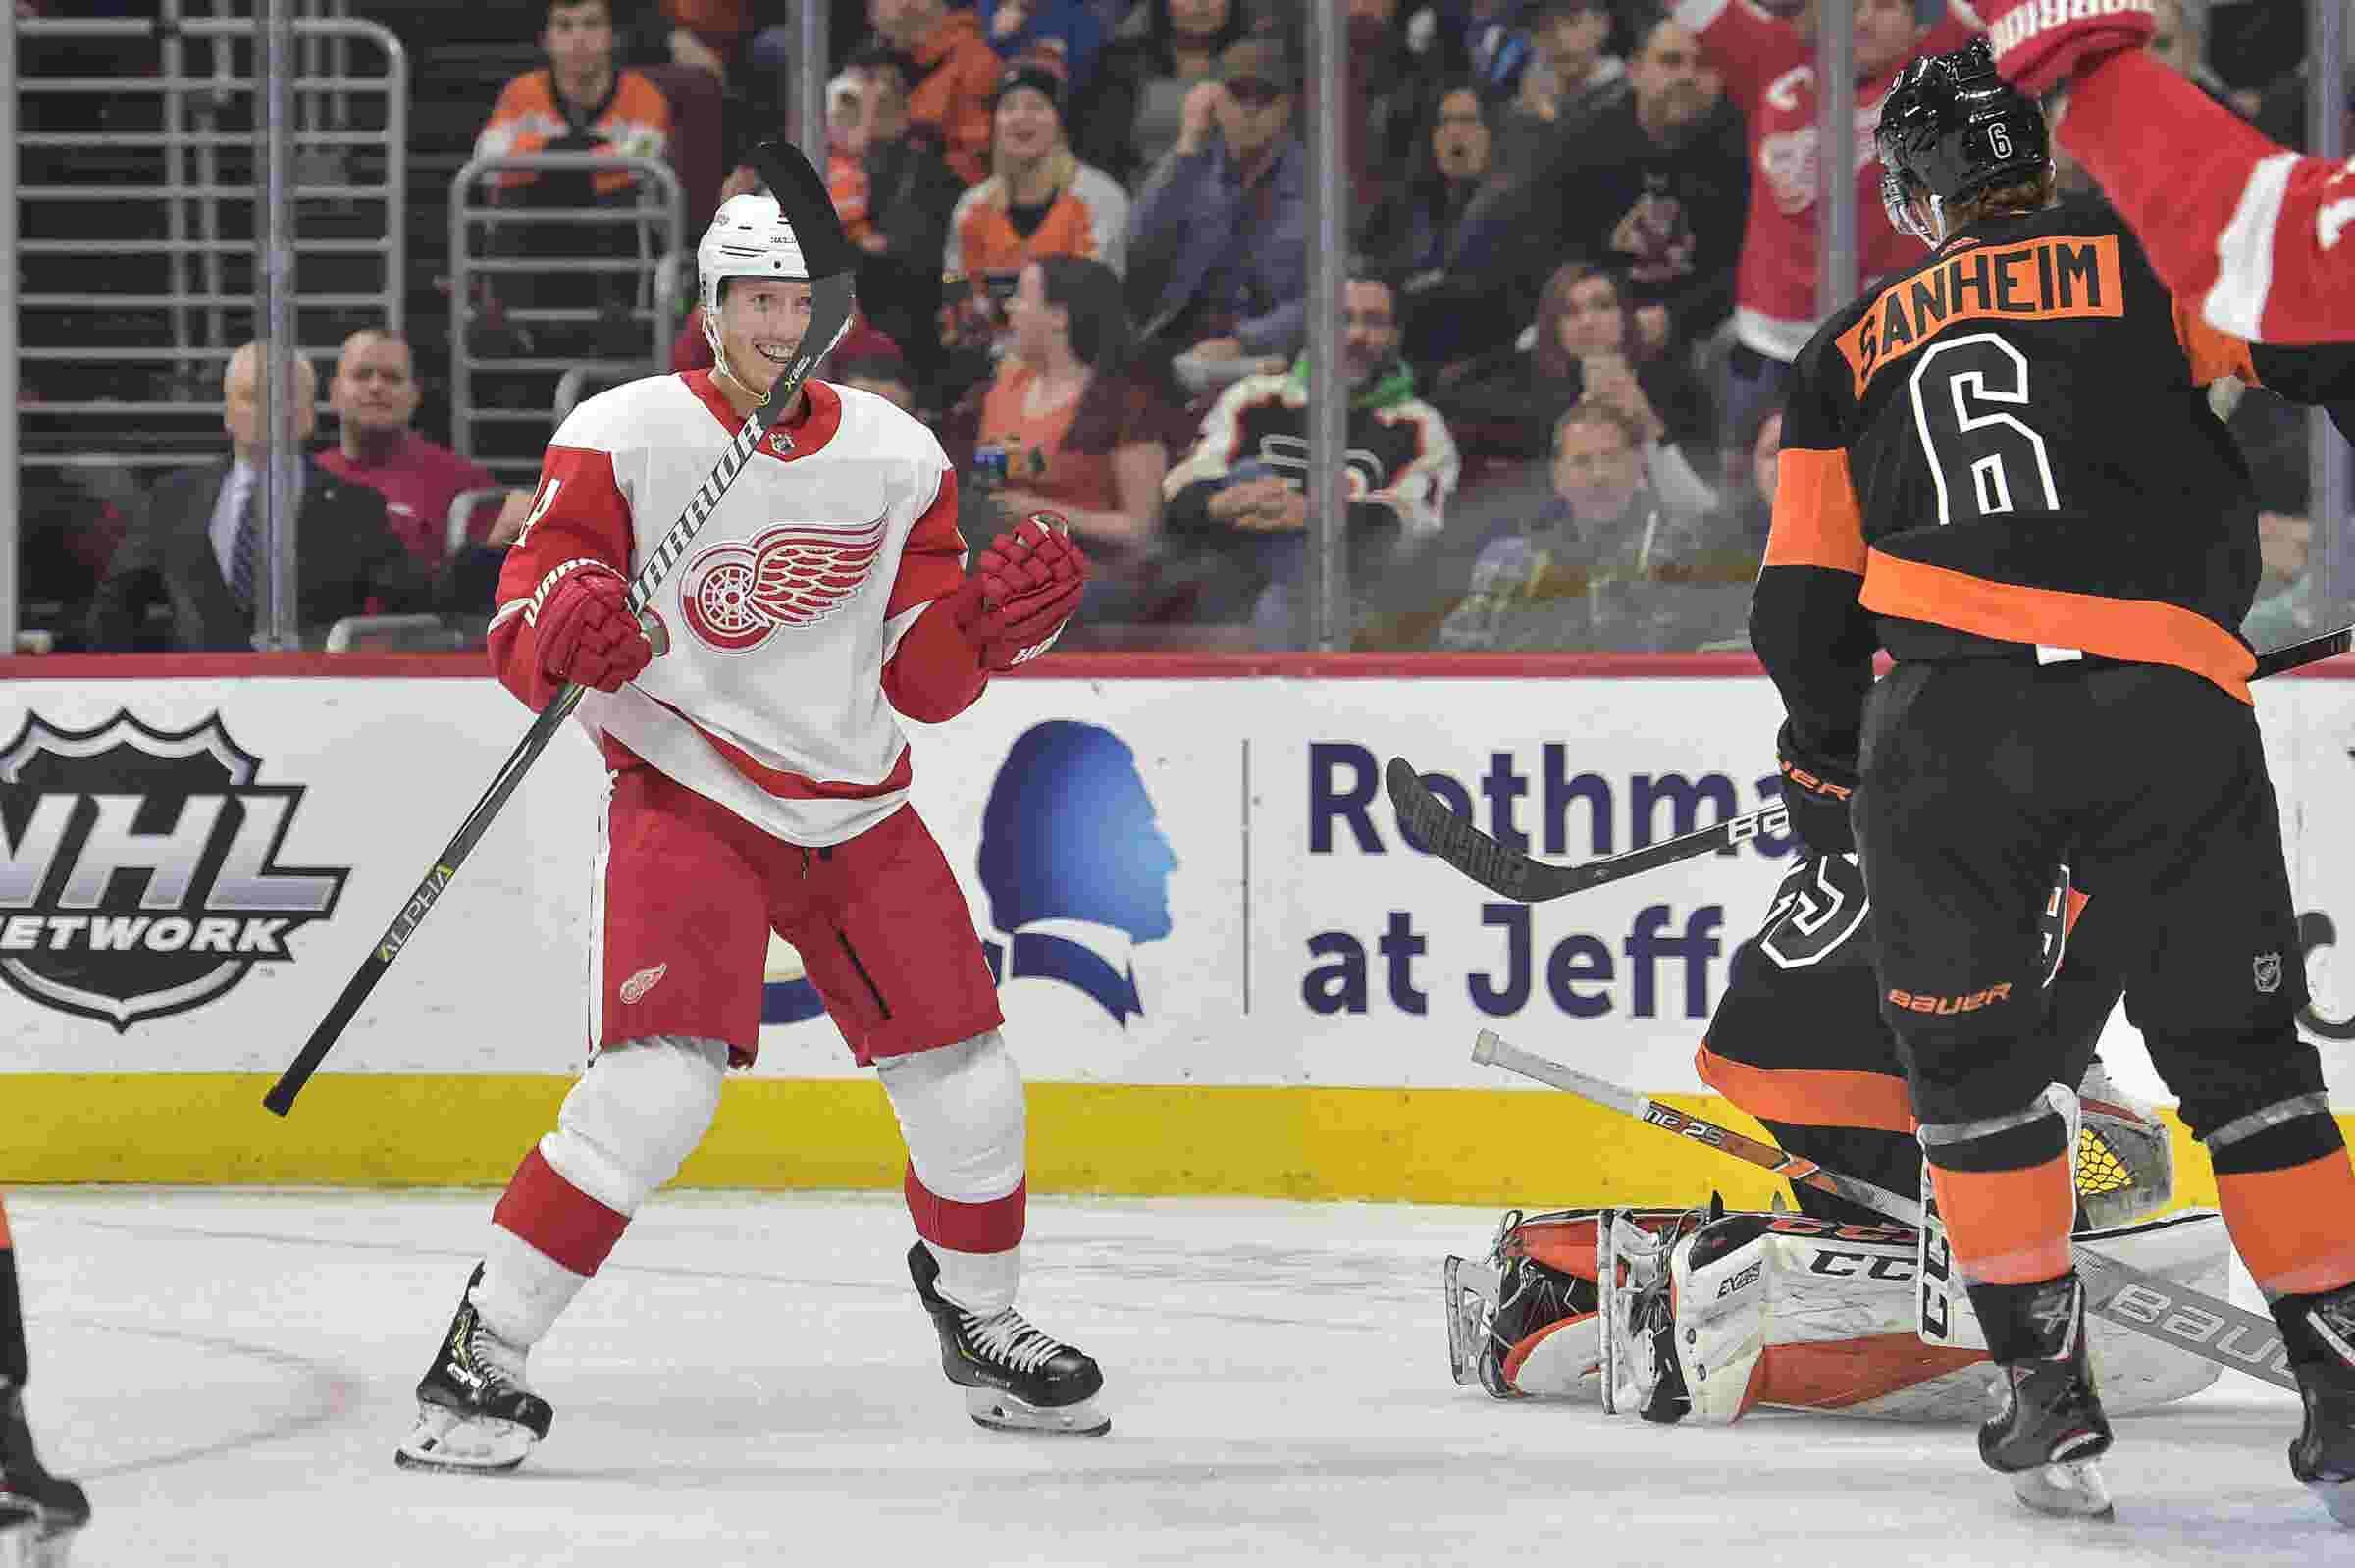 Detroit Red Wings score vs. Chicago Blackhawks: Time, TV, game info